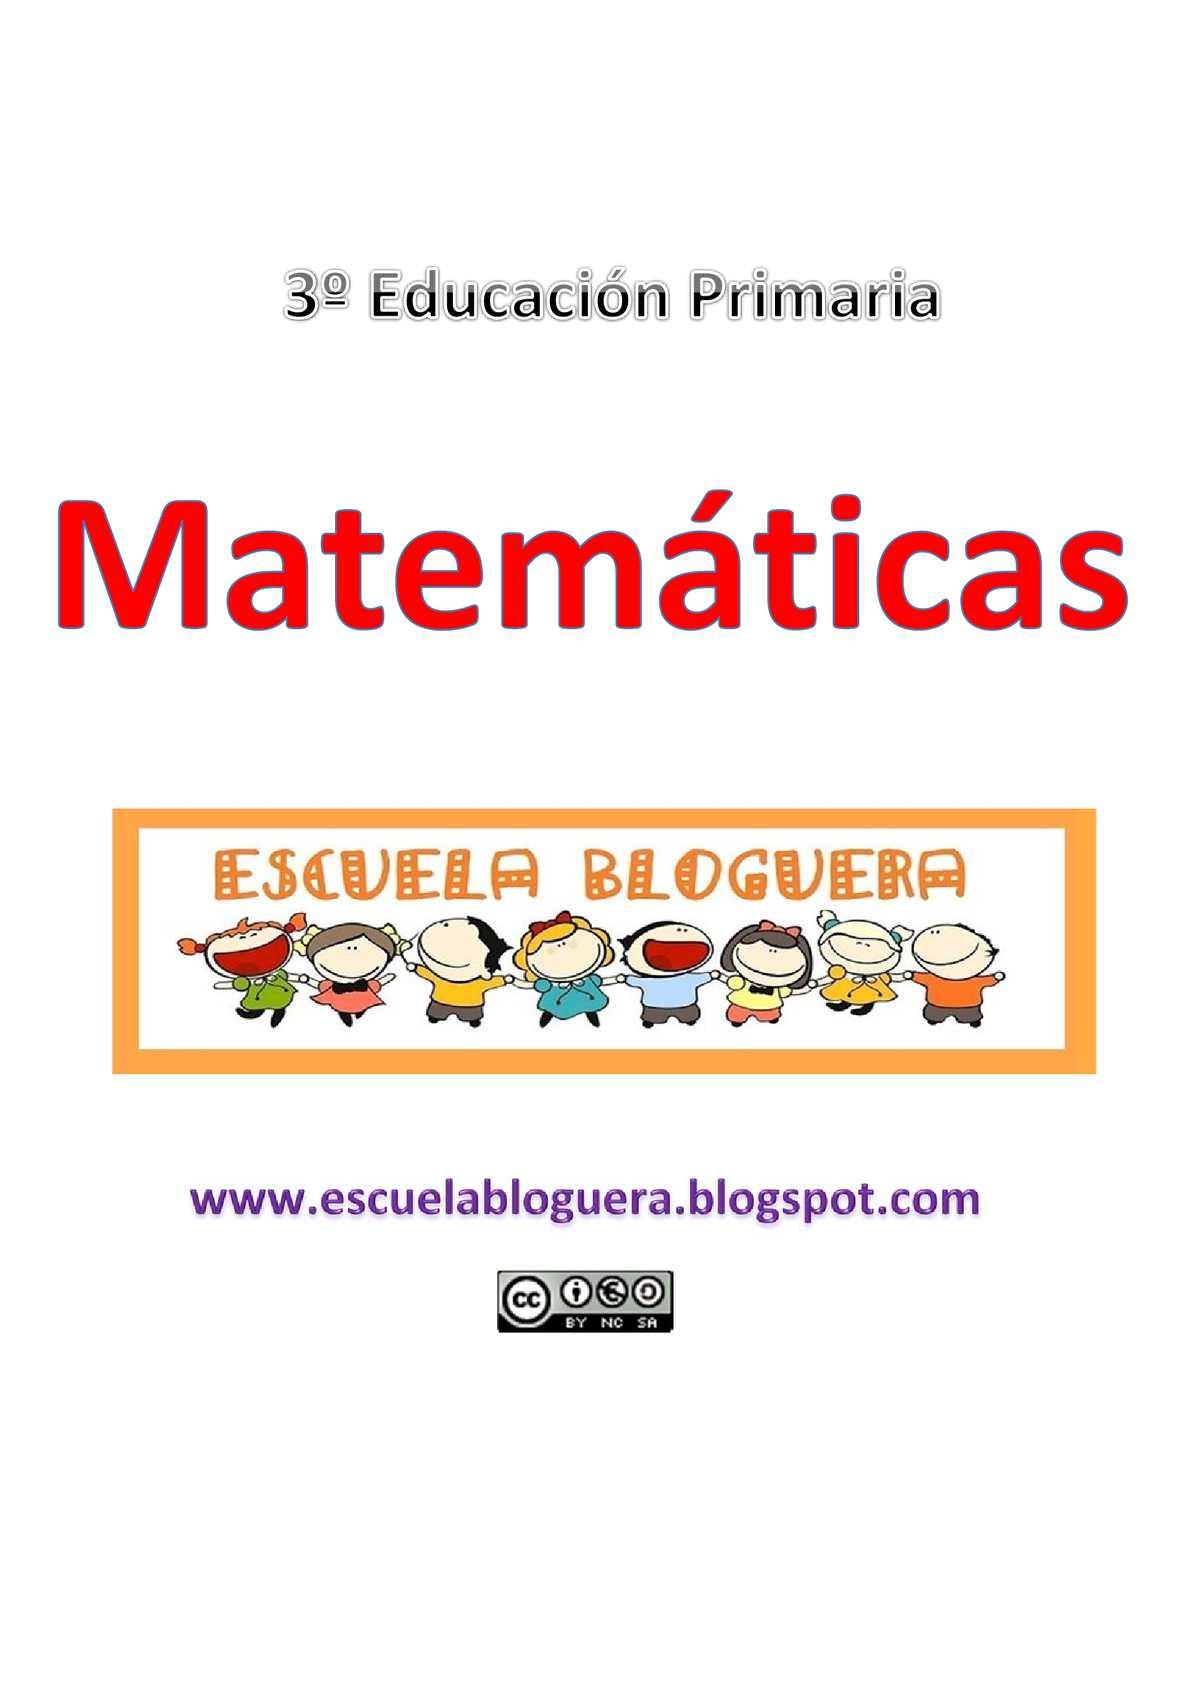 Repaso matemáticas 3º educación primaria